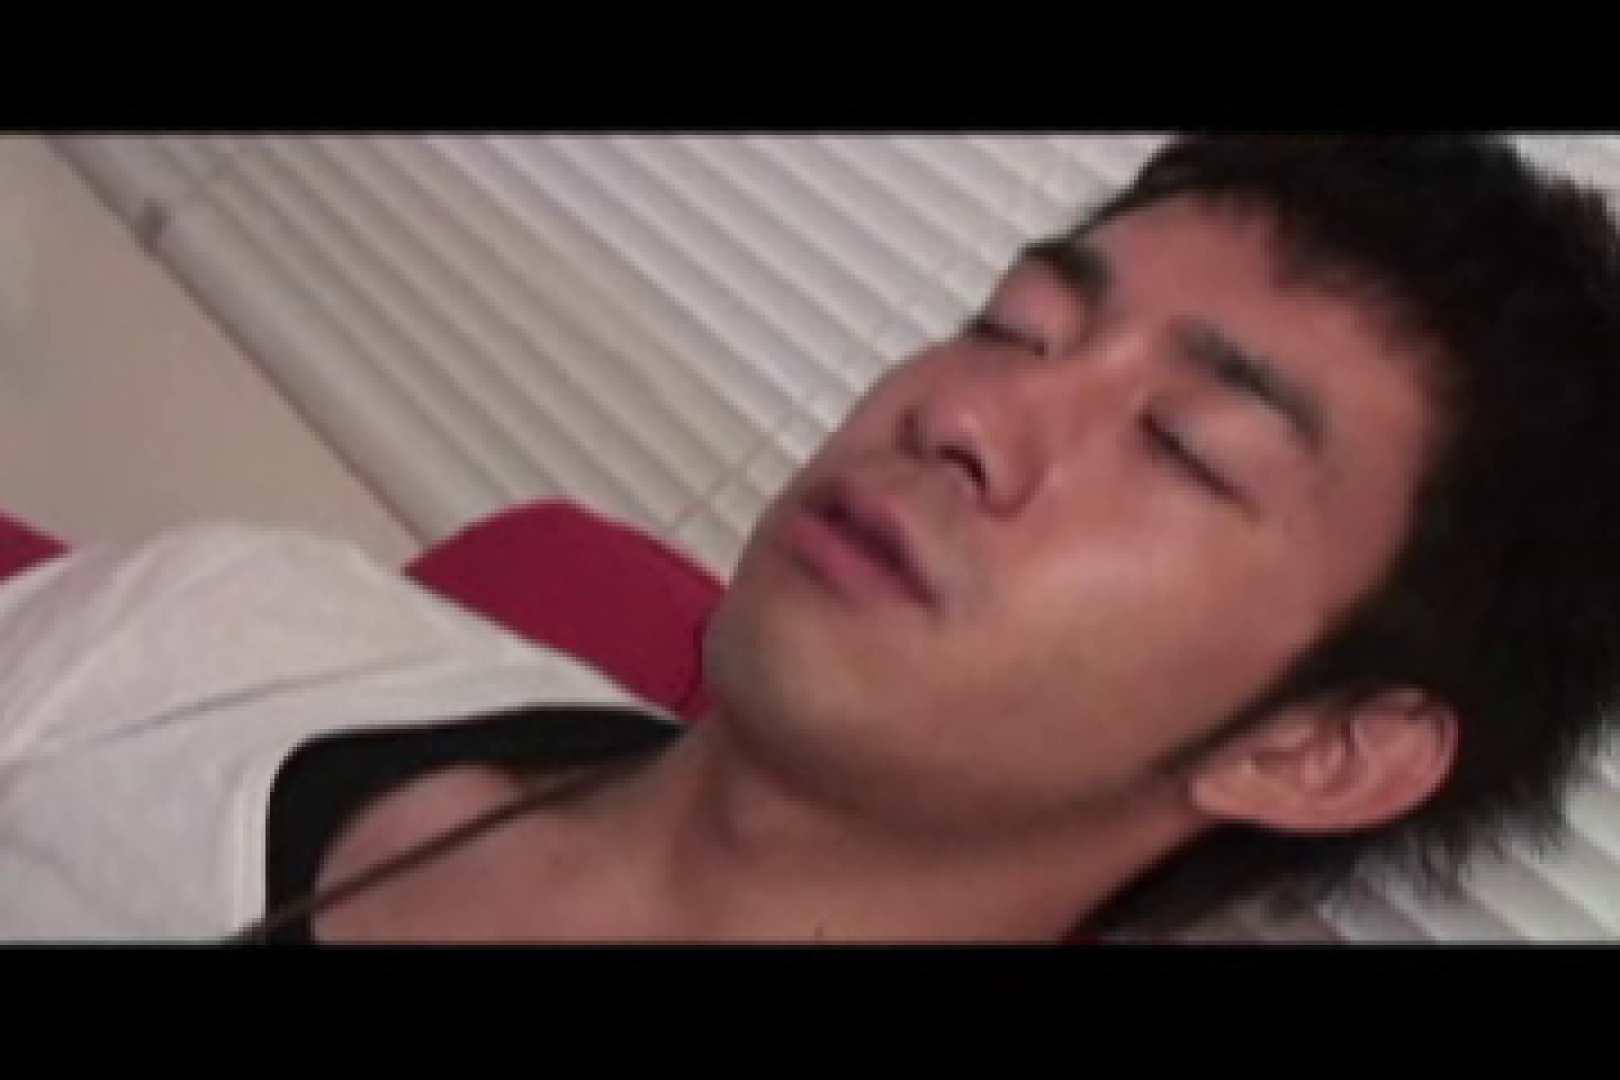 イケメン,s VOL.11 オナニー アダルトビデオ画像キャプチャ 73pic 60